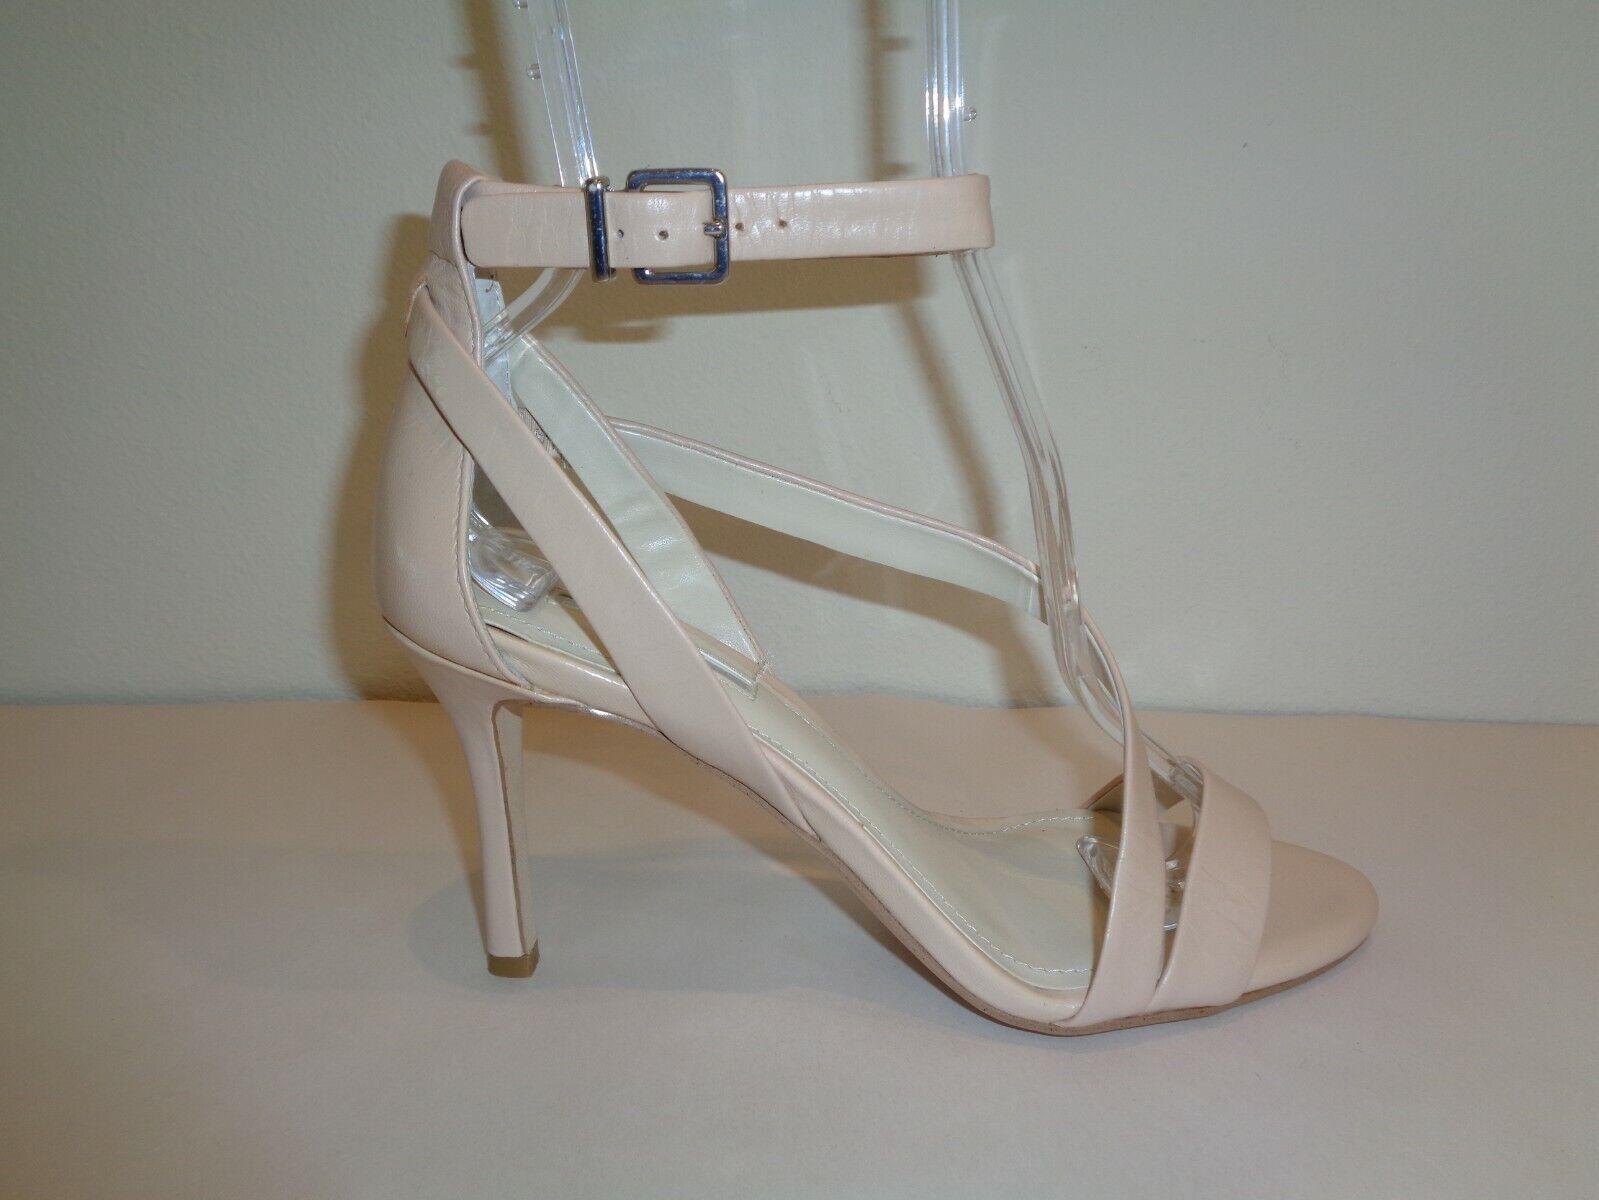 Bcbg Bcbgeneration tamaño 7.5 M Diego RUBOR Nude Nuevos Mujer Zapatos Sandalias De Cuero